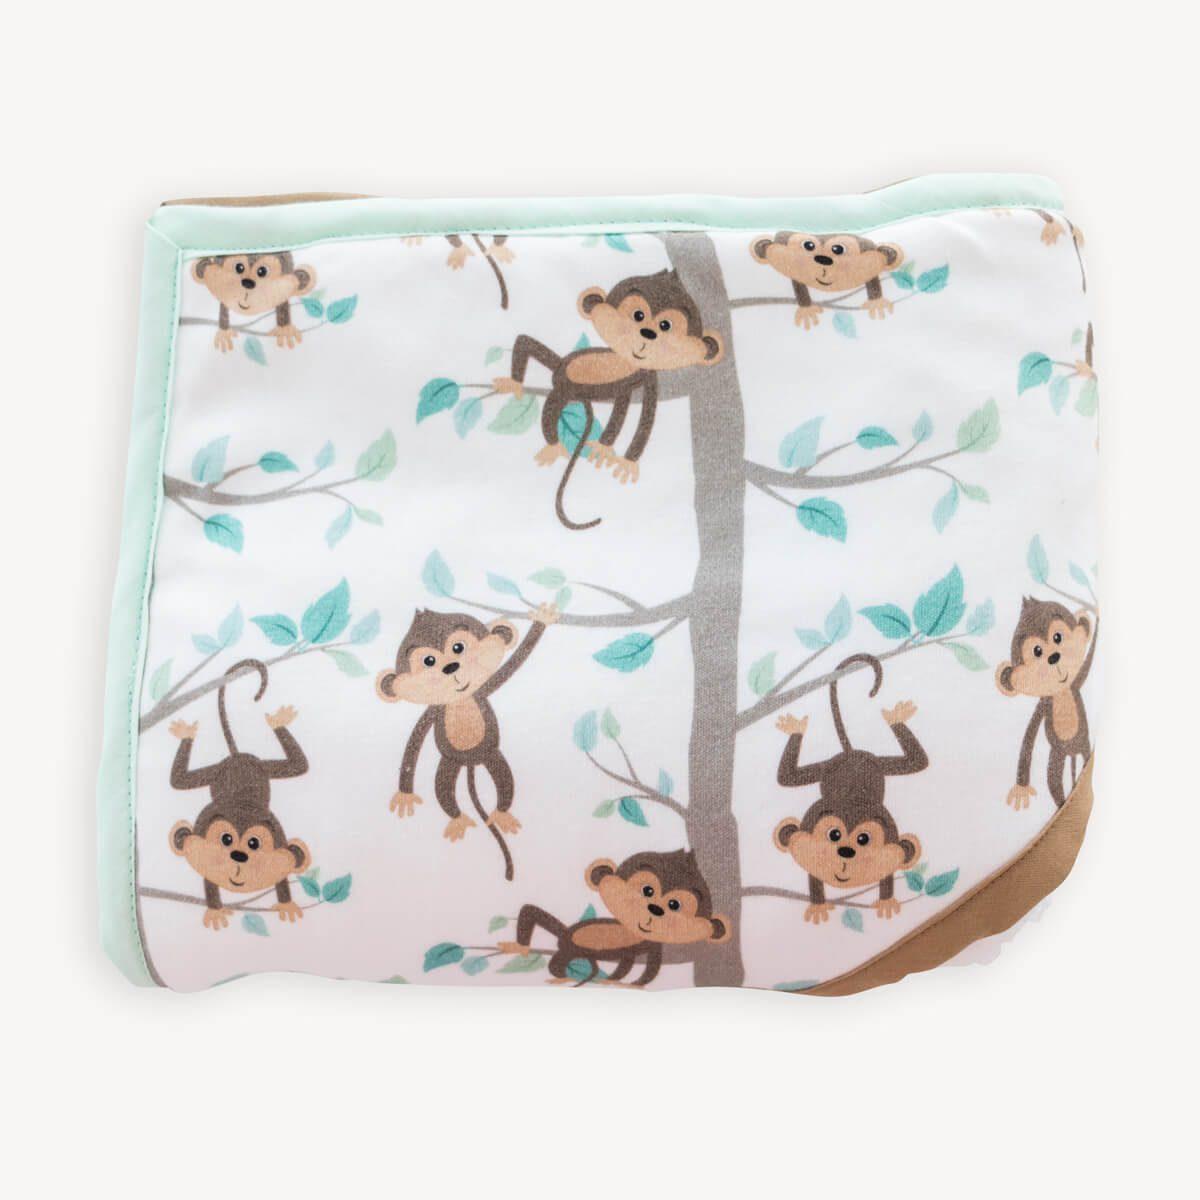 capa de baño de monos